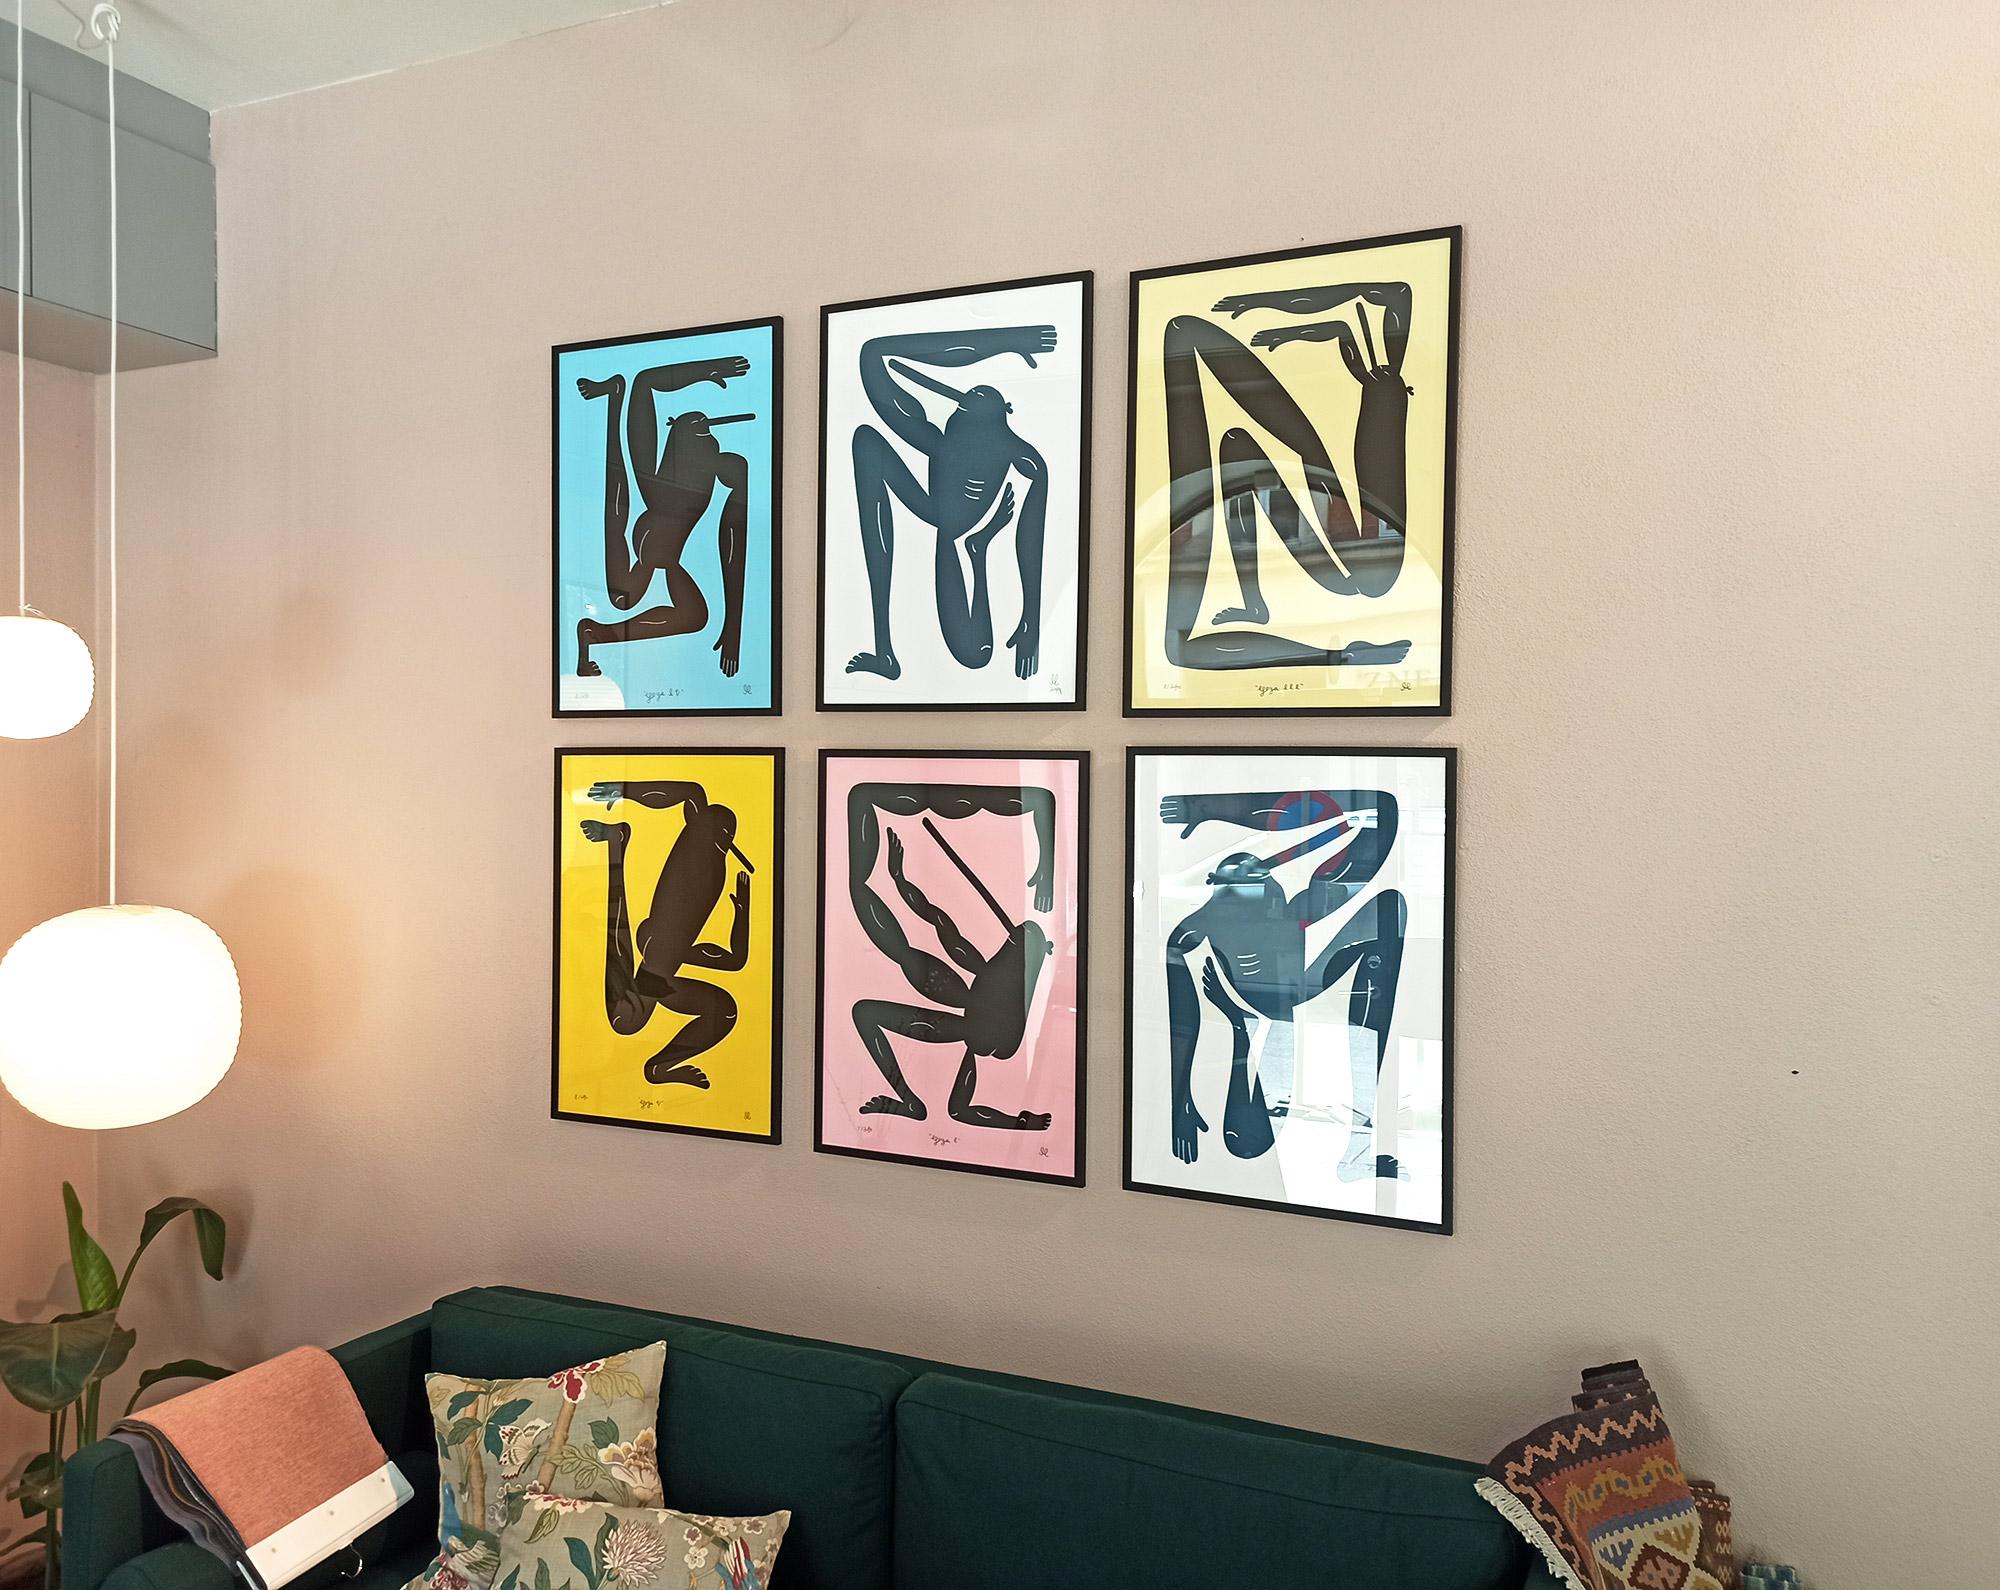 plakater-posters-kunsttryk, giclee-tryk, børnevenlige, figurative, grafiske, minimalistiske, monokrome, kroppe, tegneserier, humor, bevægelse, mennesker, sport, sorte, hvide, blæk, papir, sort-hvide, samtidskunst, københavn, dansk, dekorative, design, interiør, bolig-indretning, moderne, moderne-kunst, nordisk, plakater, tryk, skandinavisk, Køb original kunst og kunstplakater. Malerier, tegninger, limited edition kunsttryk & plakater af dygtige kunstnere.